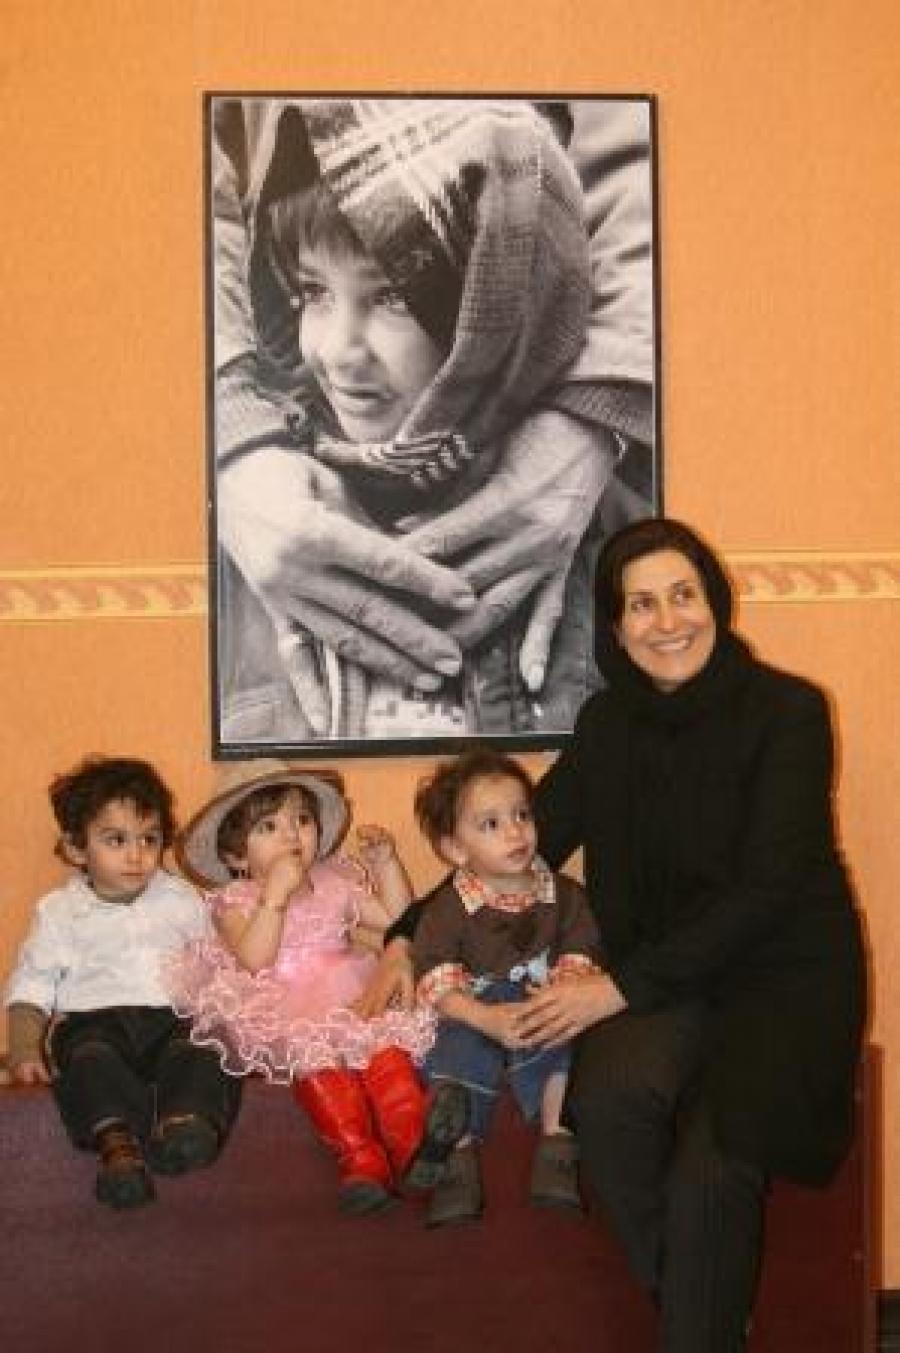 سفیر مهرآفرین در کنار سه قلوهاس تحت پوشش